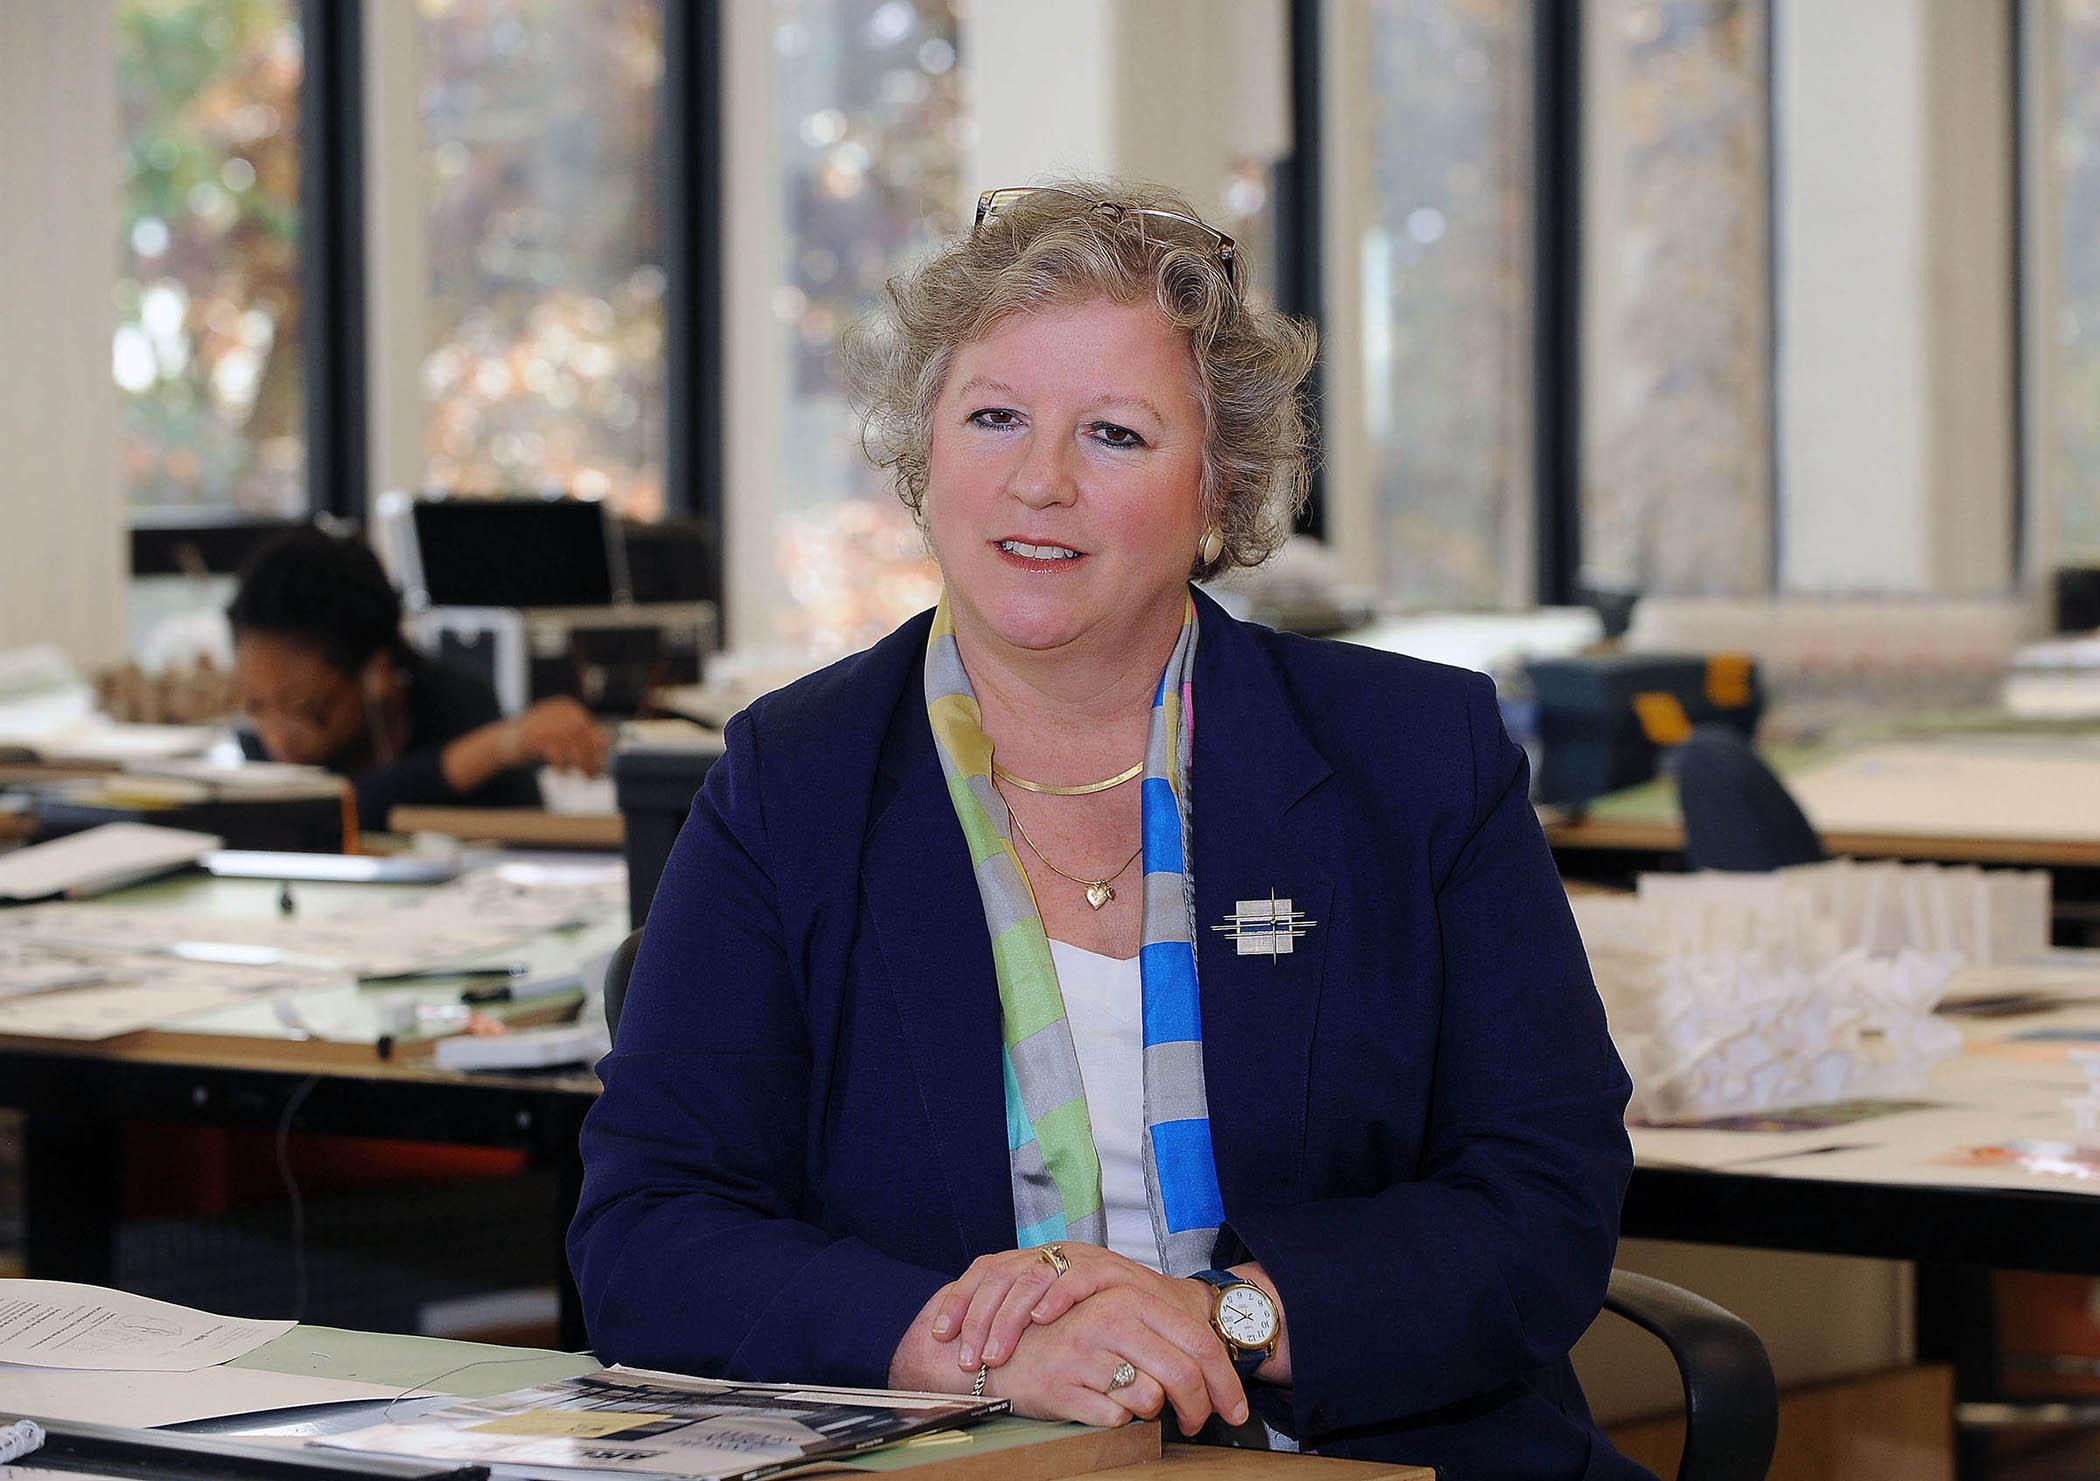 Margaret Calkins